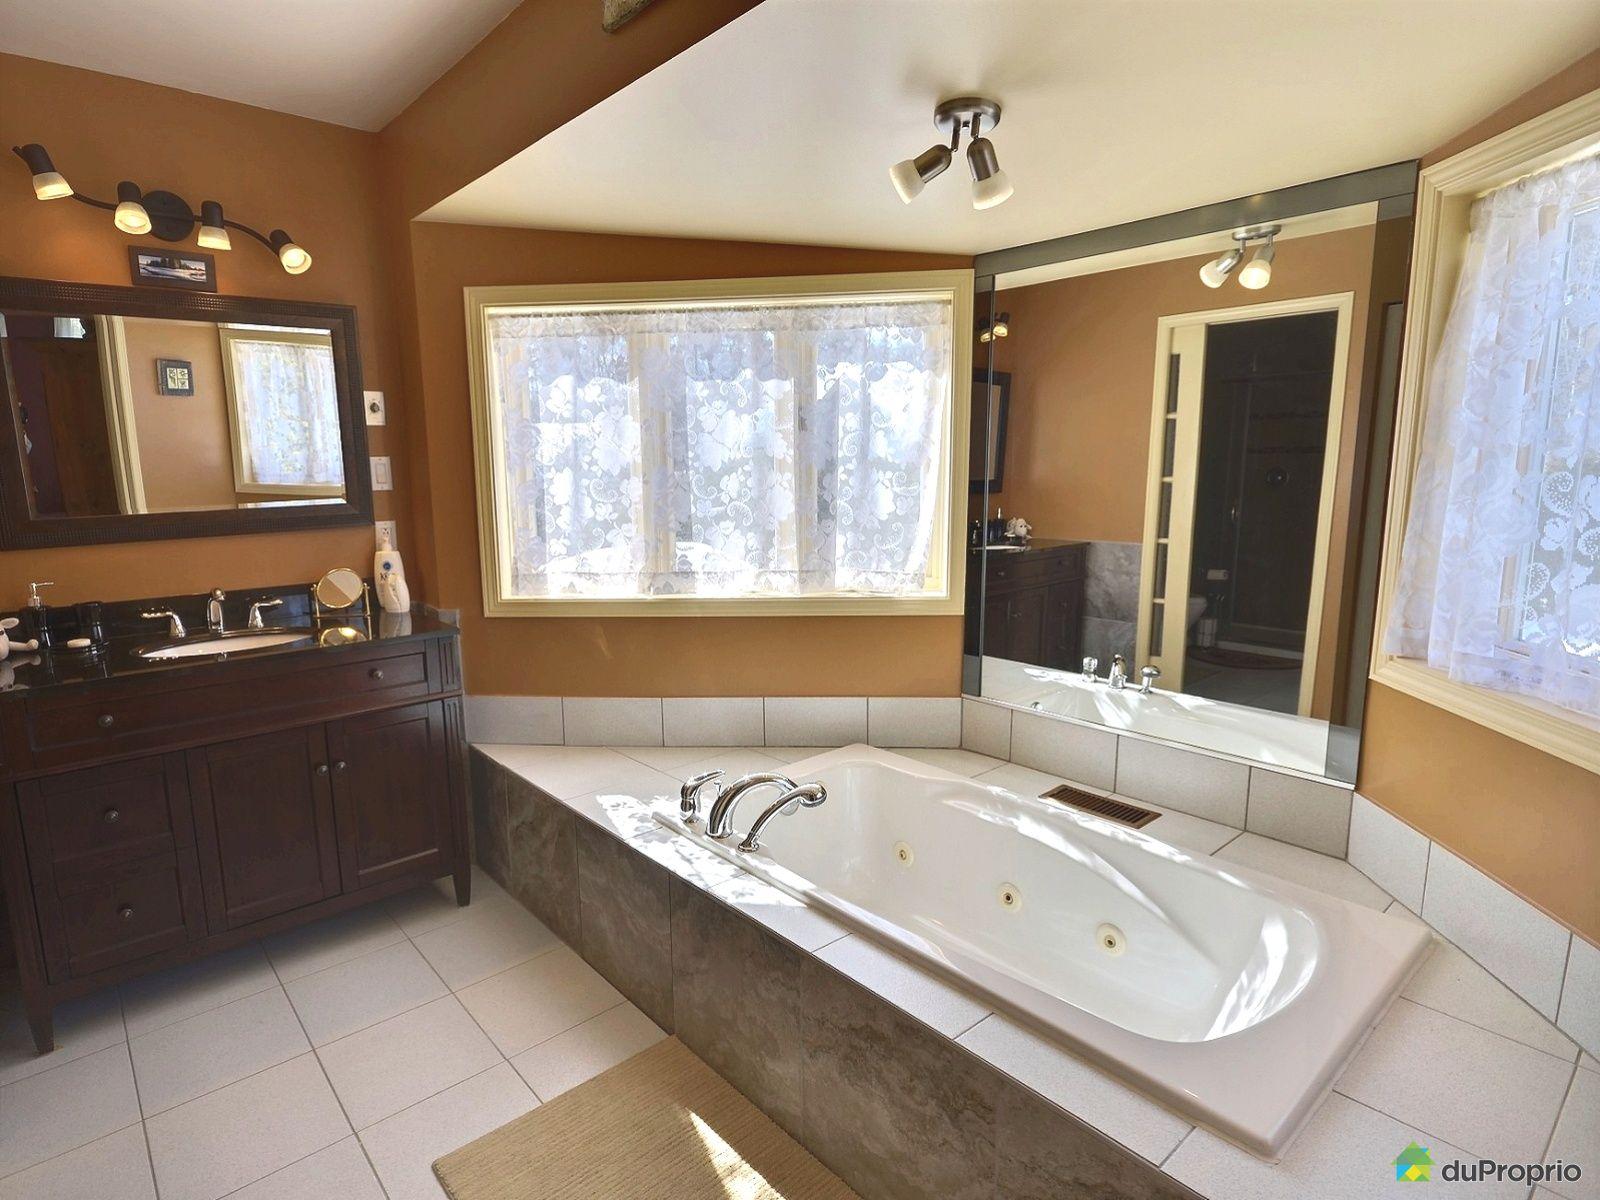 Maison vendu st j r me immobilier qu bec duproprio 504304 for Accessoire salle de bain st jerome